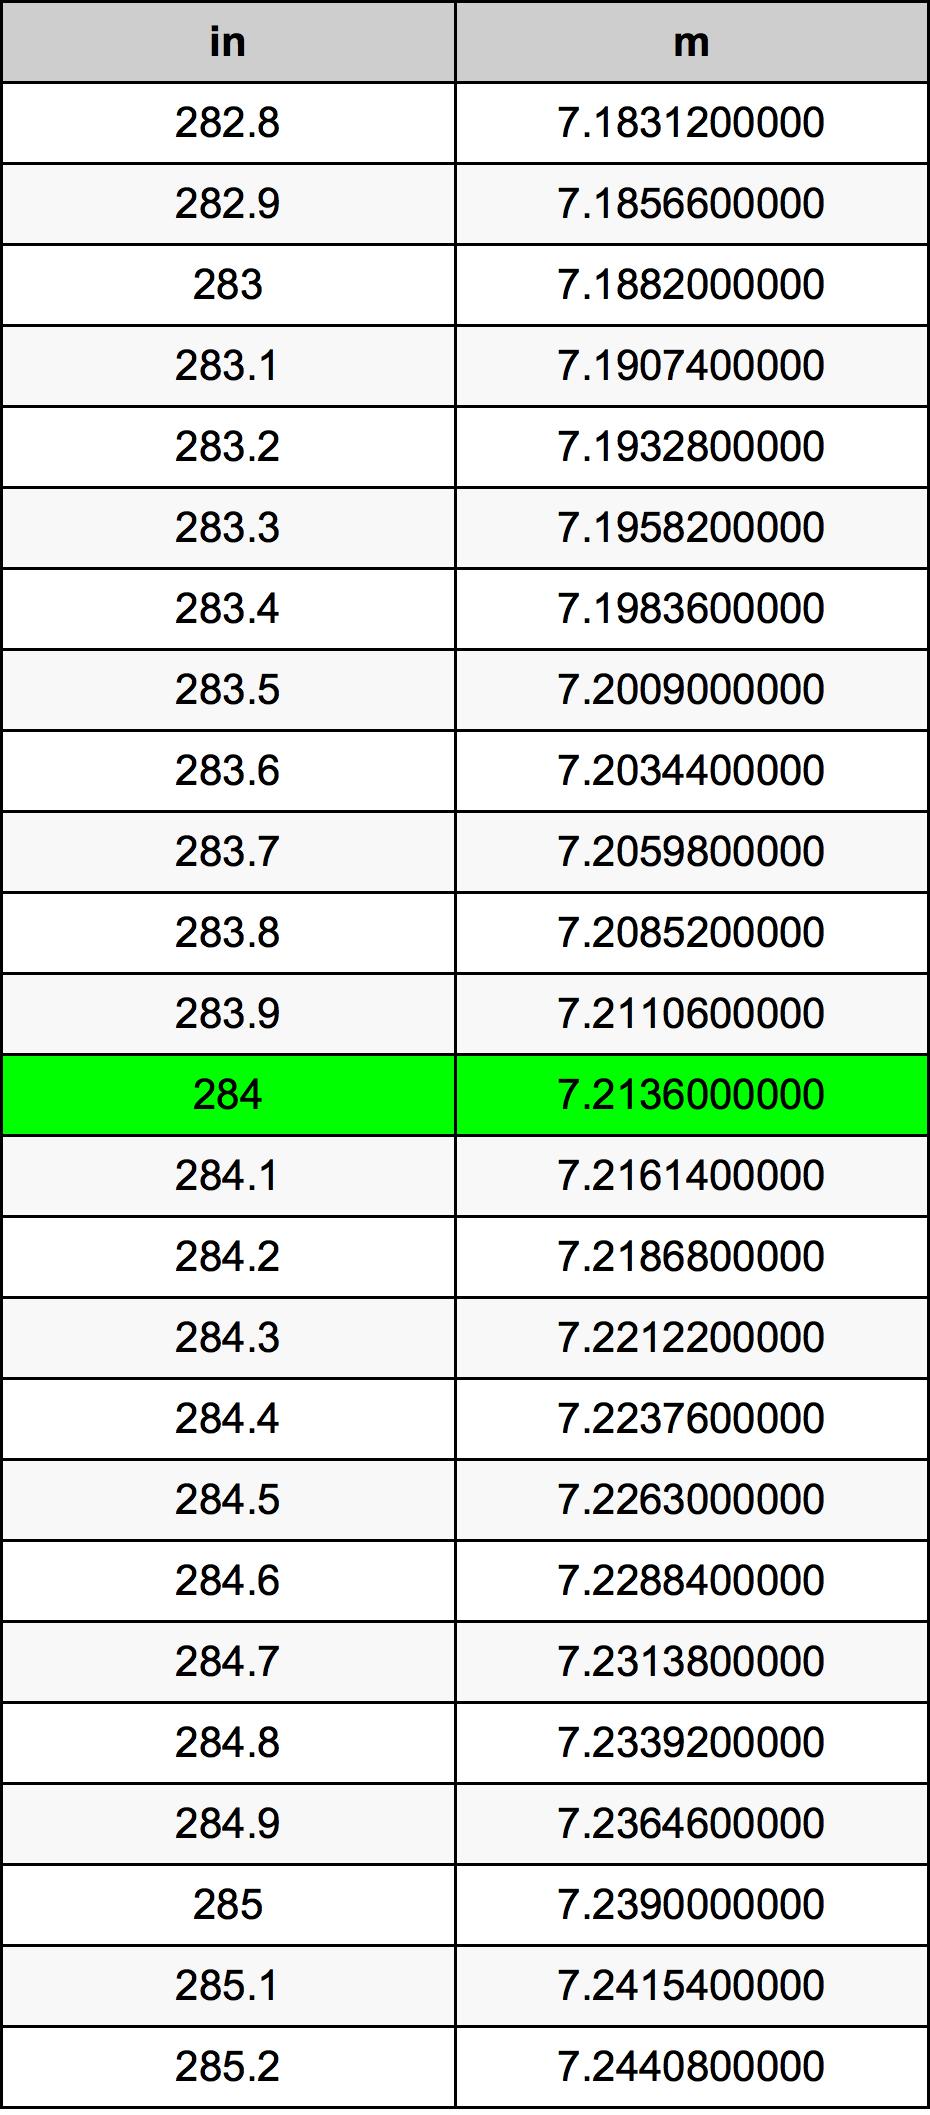 284 Pulzier konverżjoni tabella